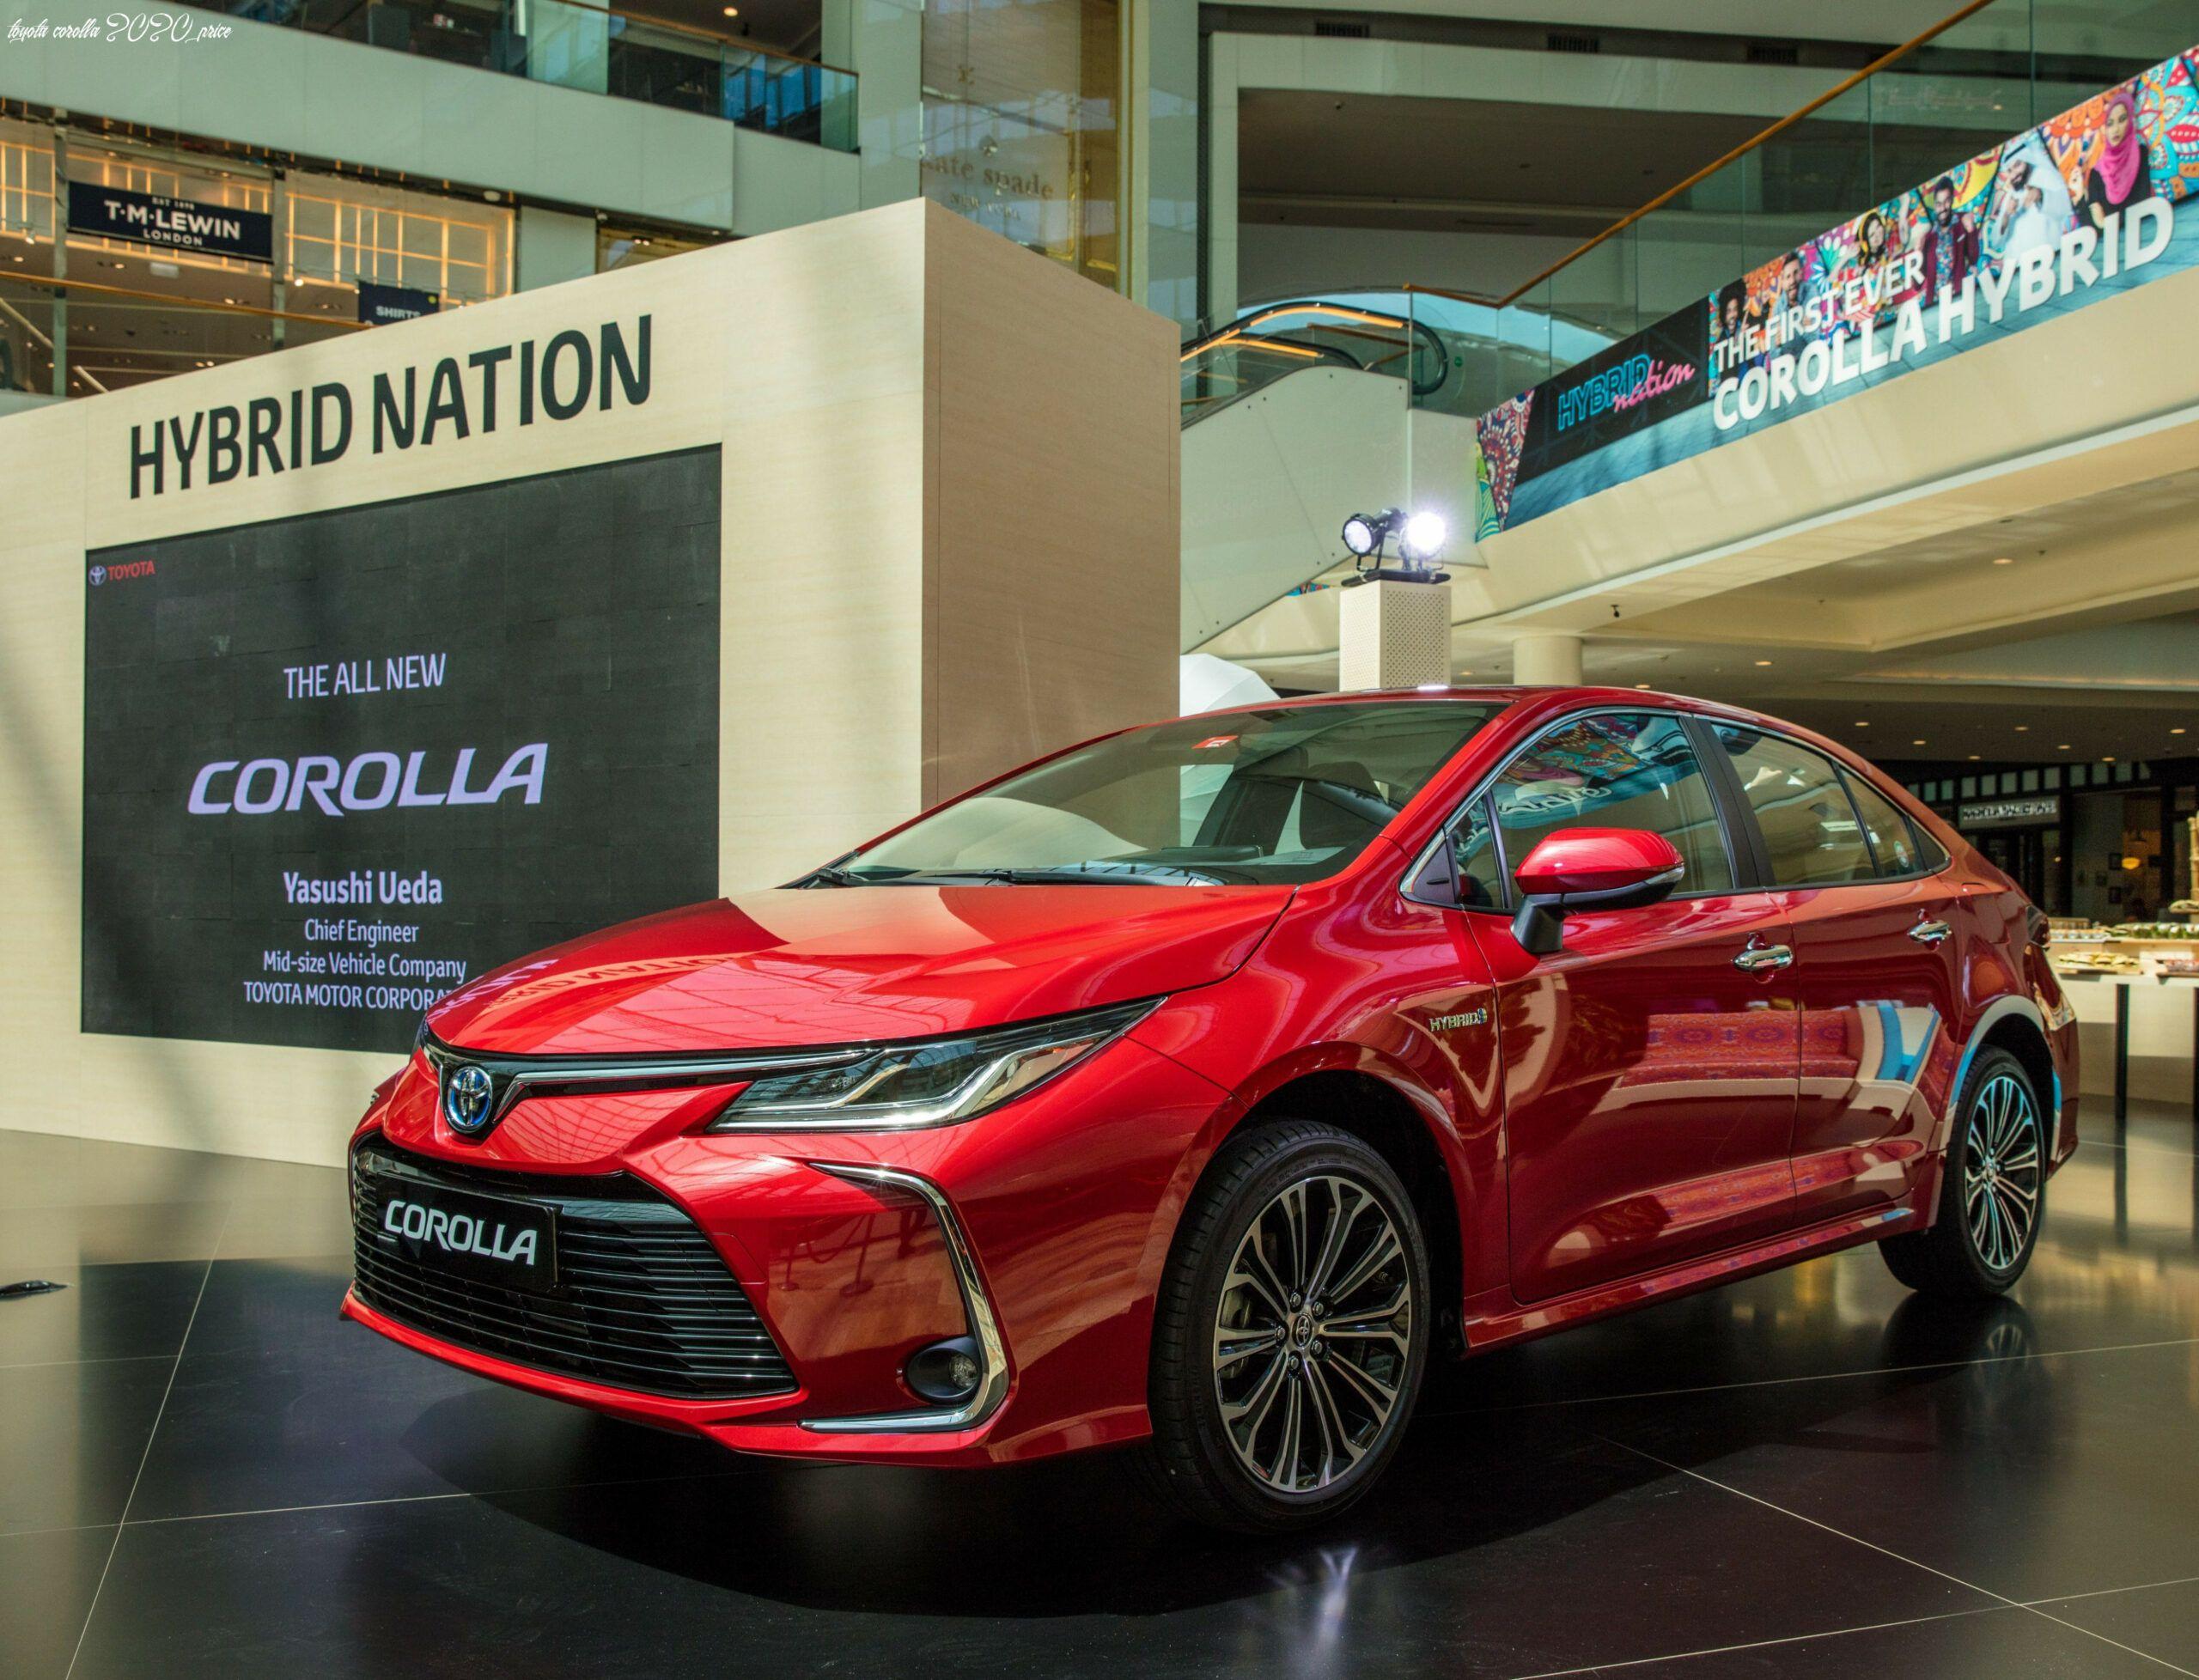 Toyota Corolla 2020 Price In 2020 Toyota Corolla Toyota Toyota New Car